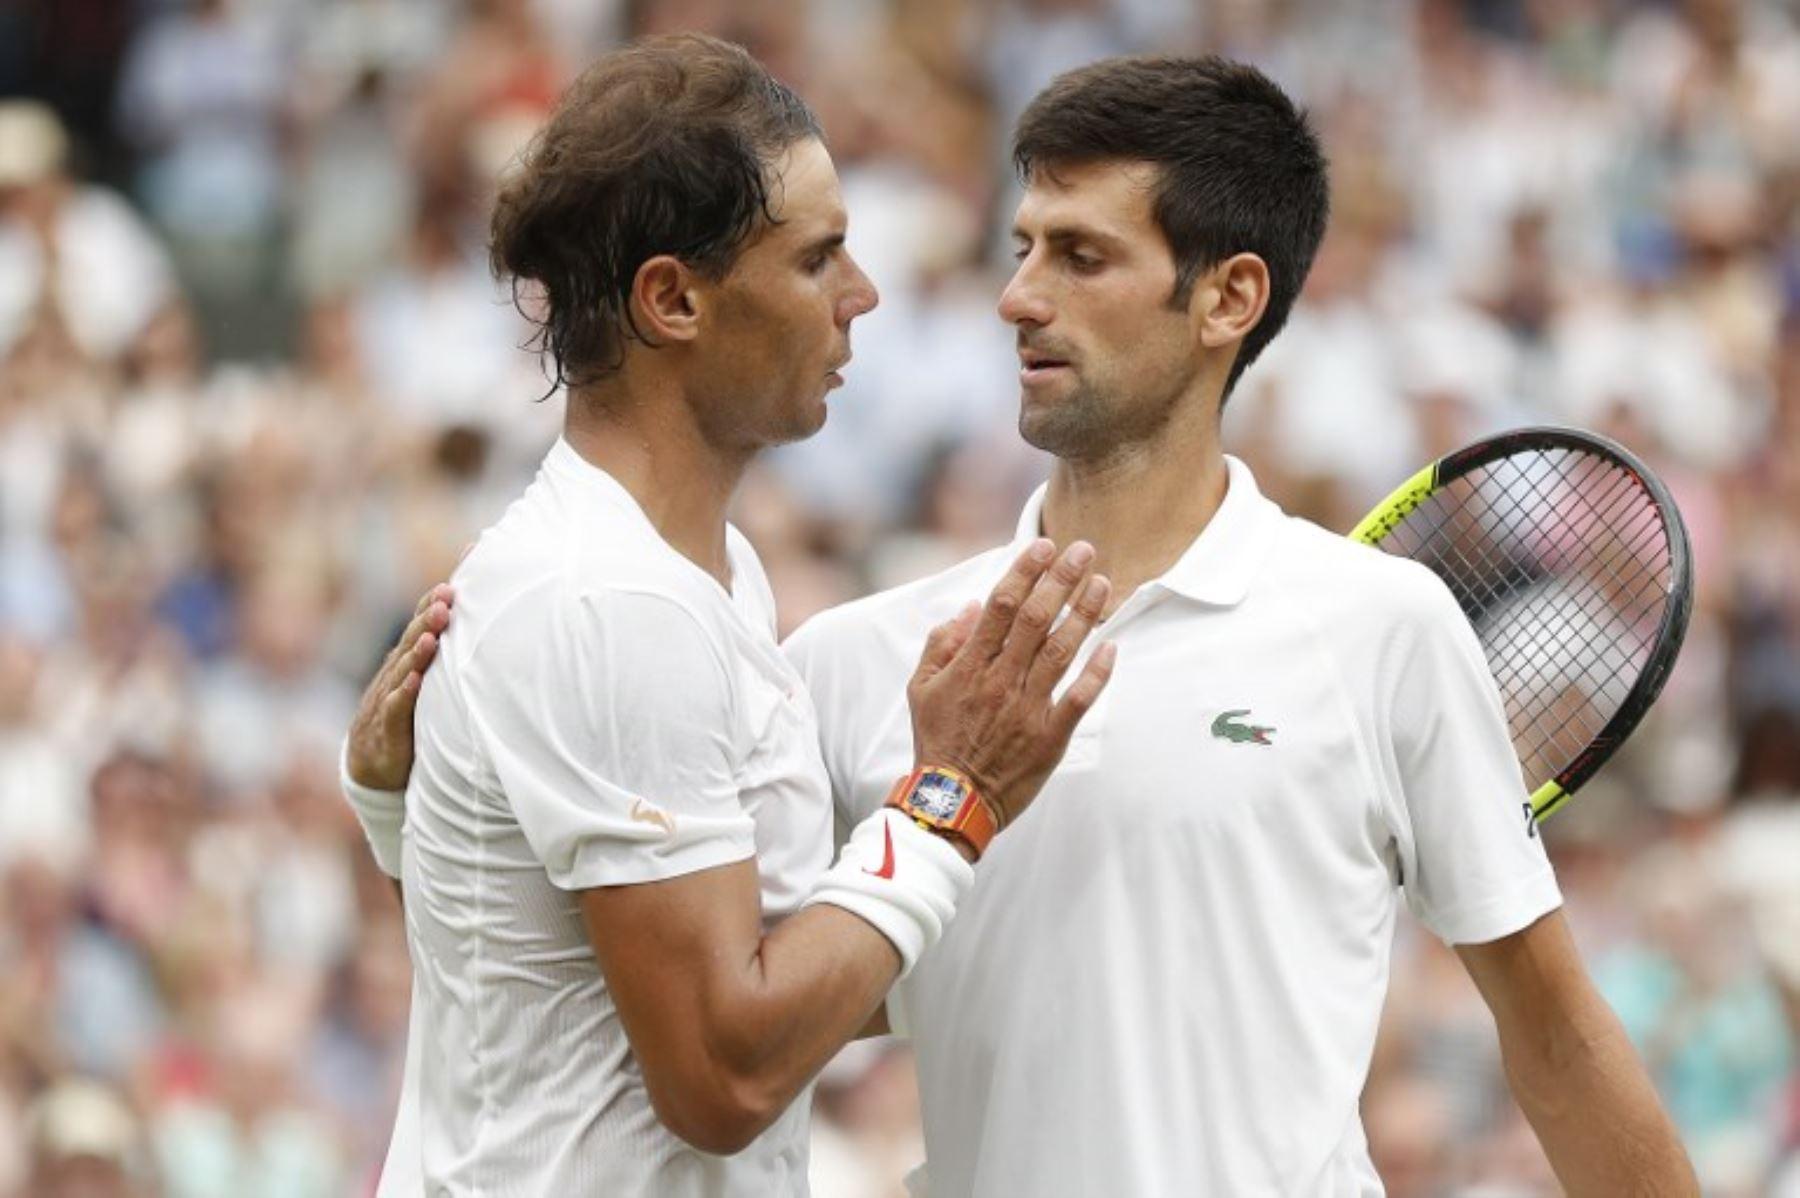 Federer Nadal Y Djokovic Una Dinastia Sin Fin En La Edad Dorada Del Tenis Noticias Agencia Peruana De Noticias Andina